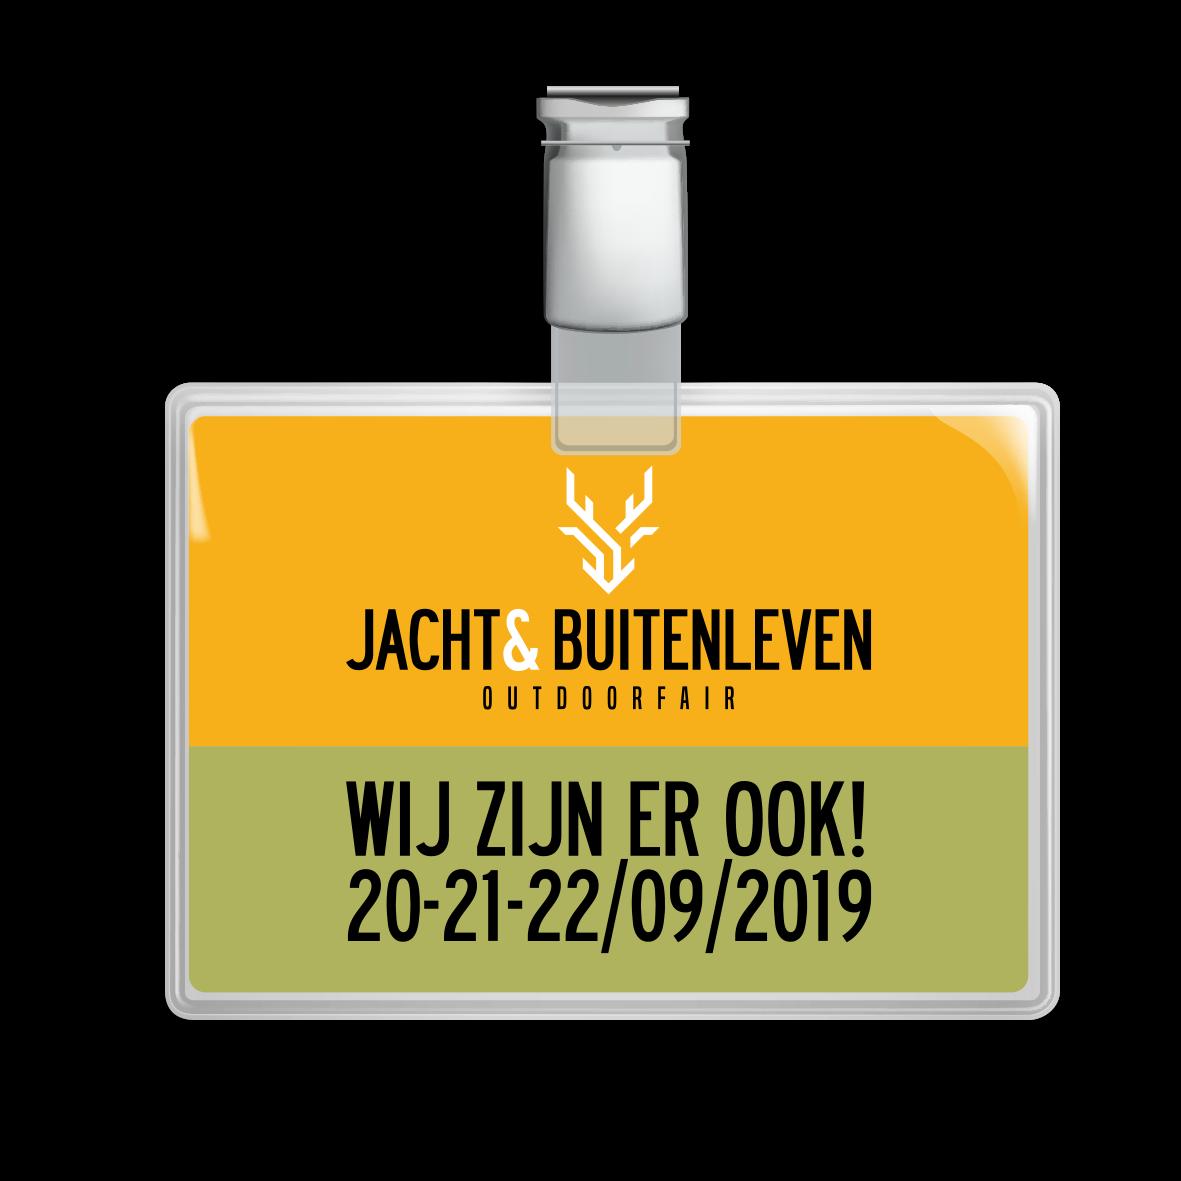 Jacht & Buitenleven 2019